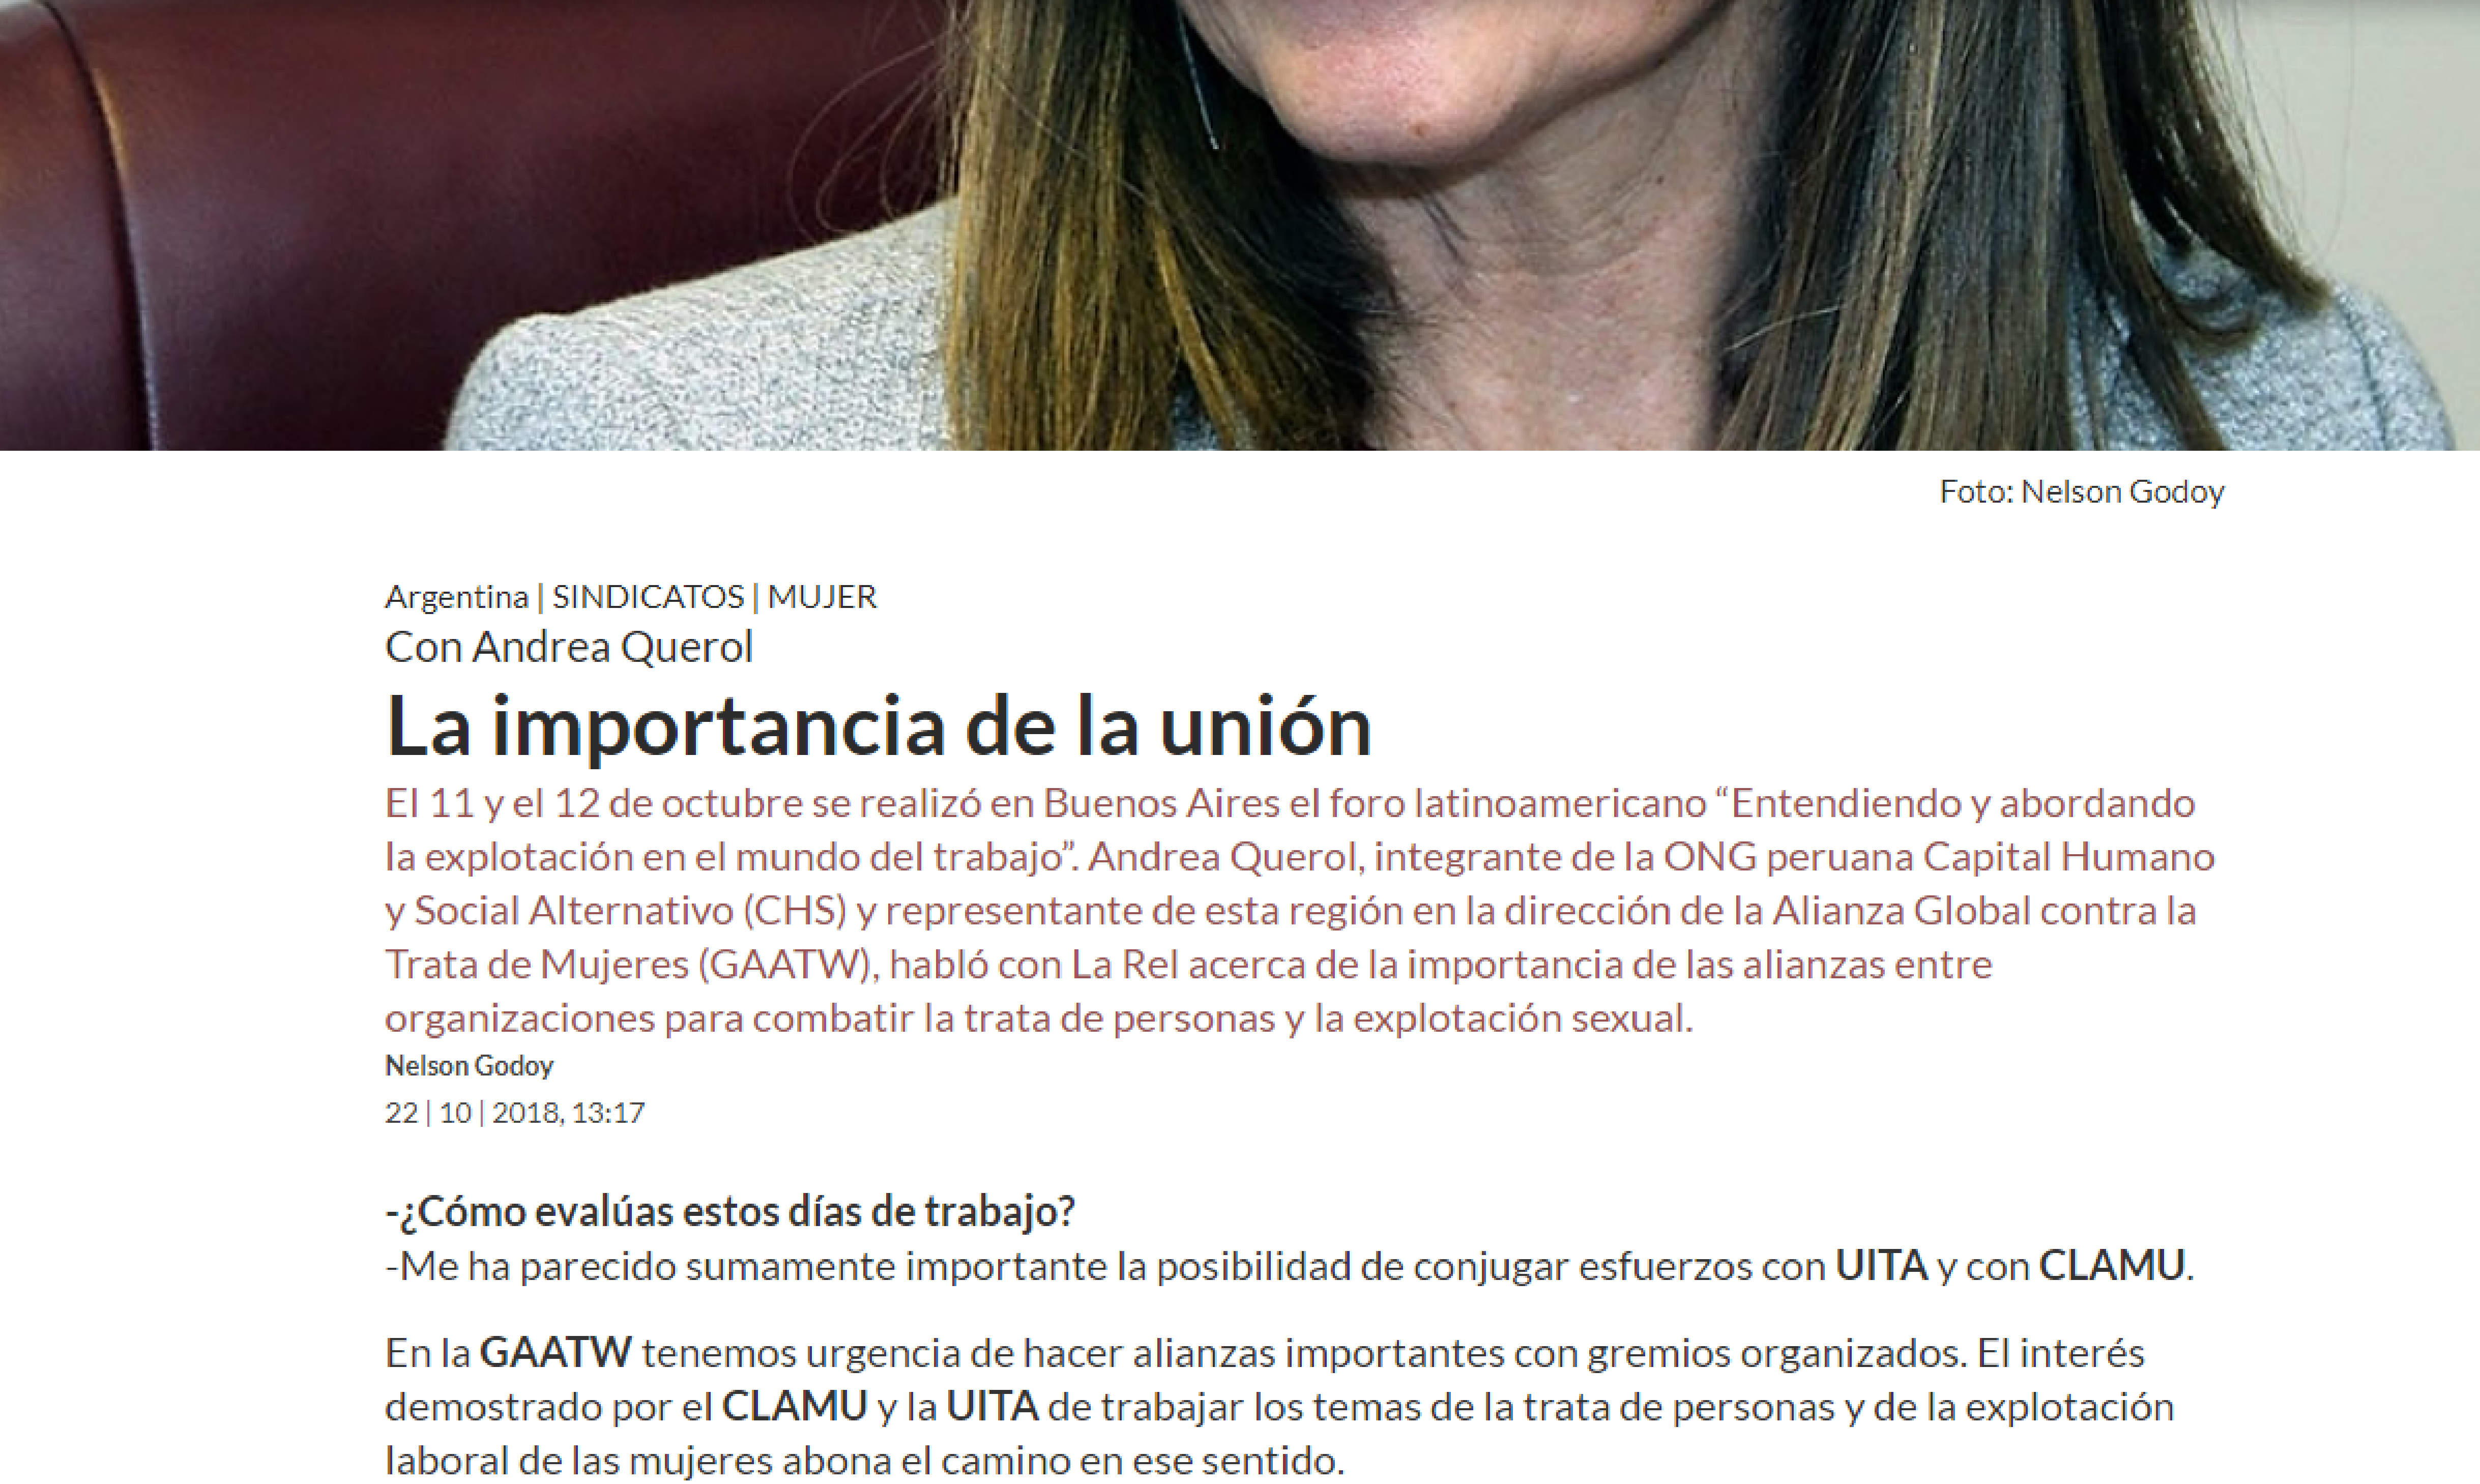 REL UITA: La importancia de la unión